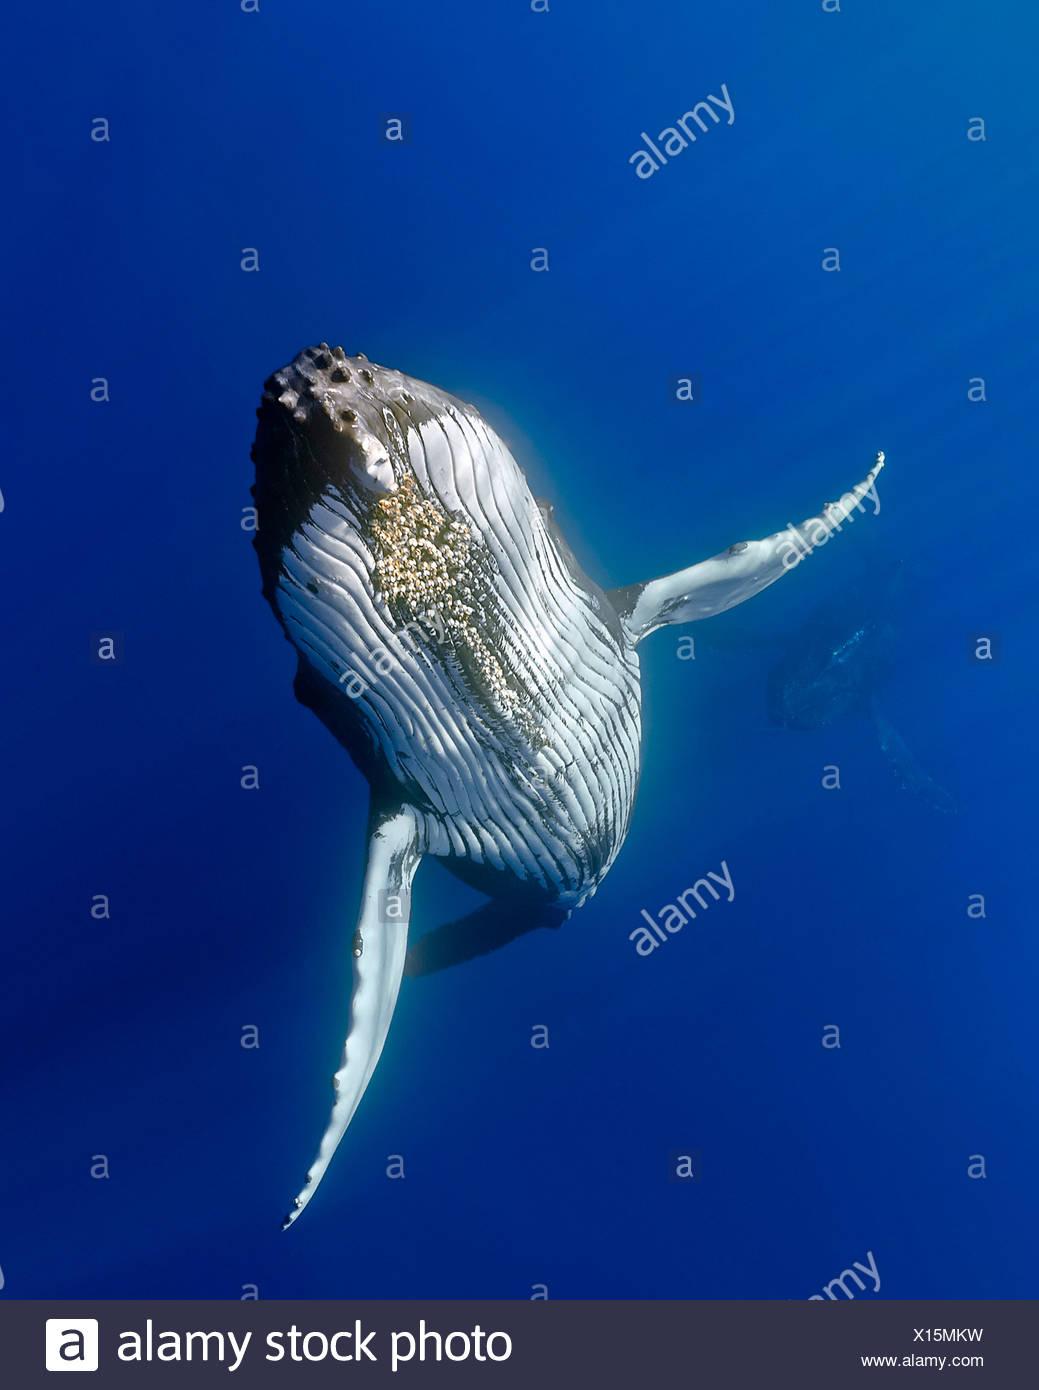 Humpback whale, (Megaptera novaeangliae) - Stock Image